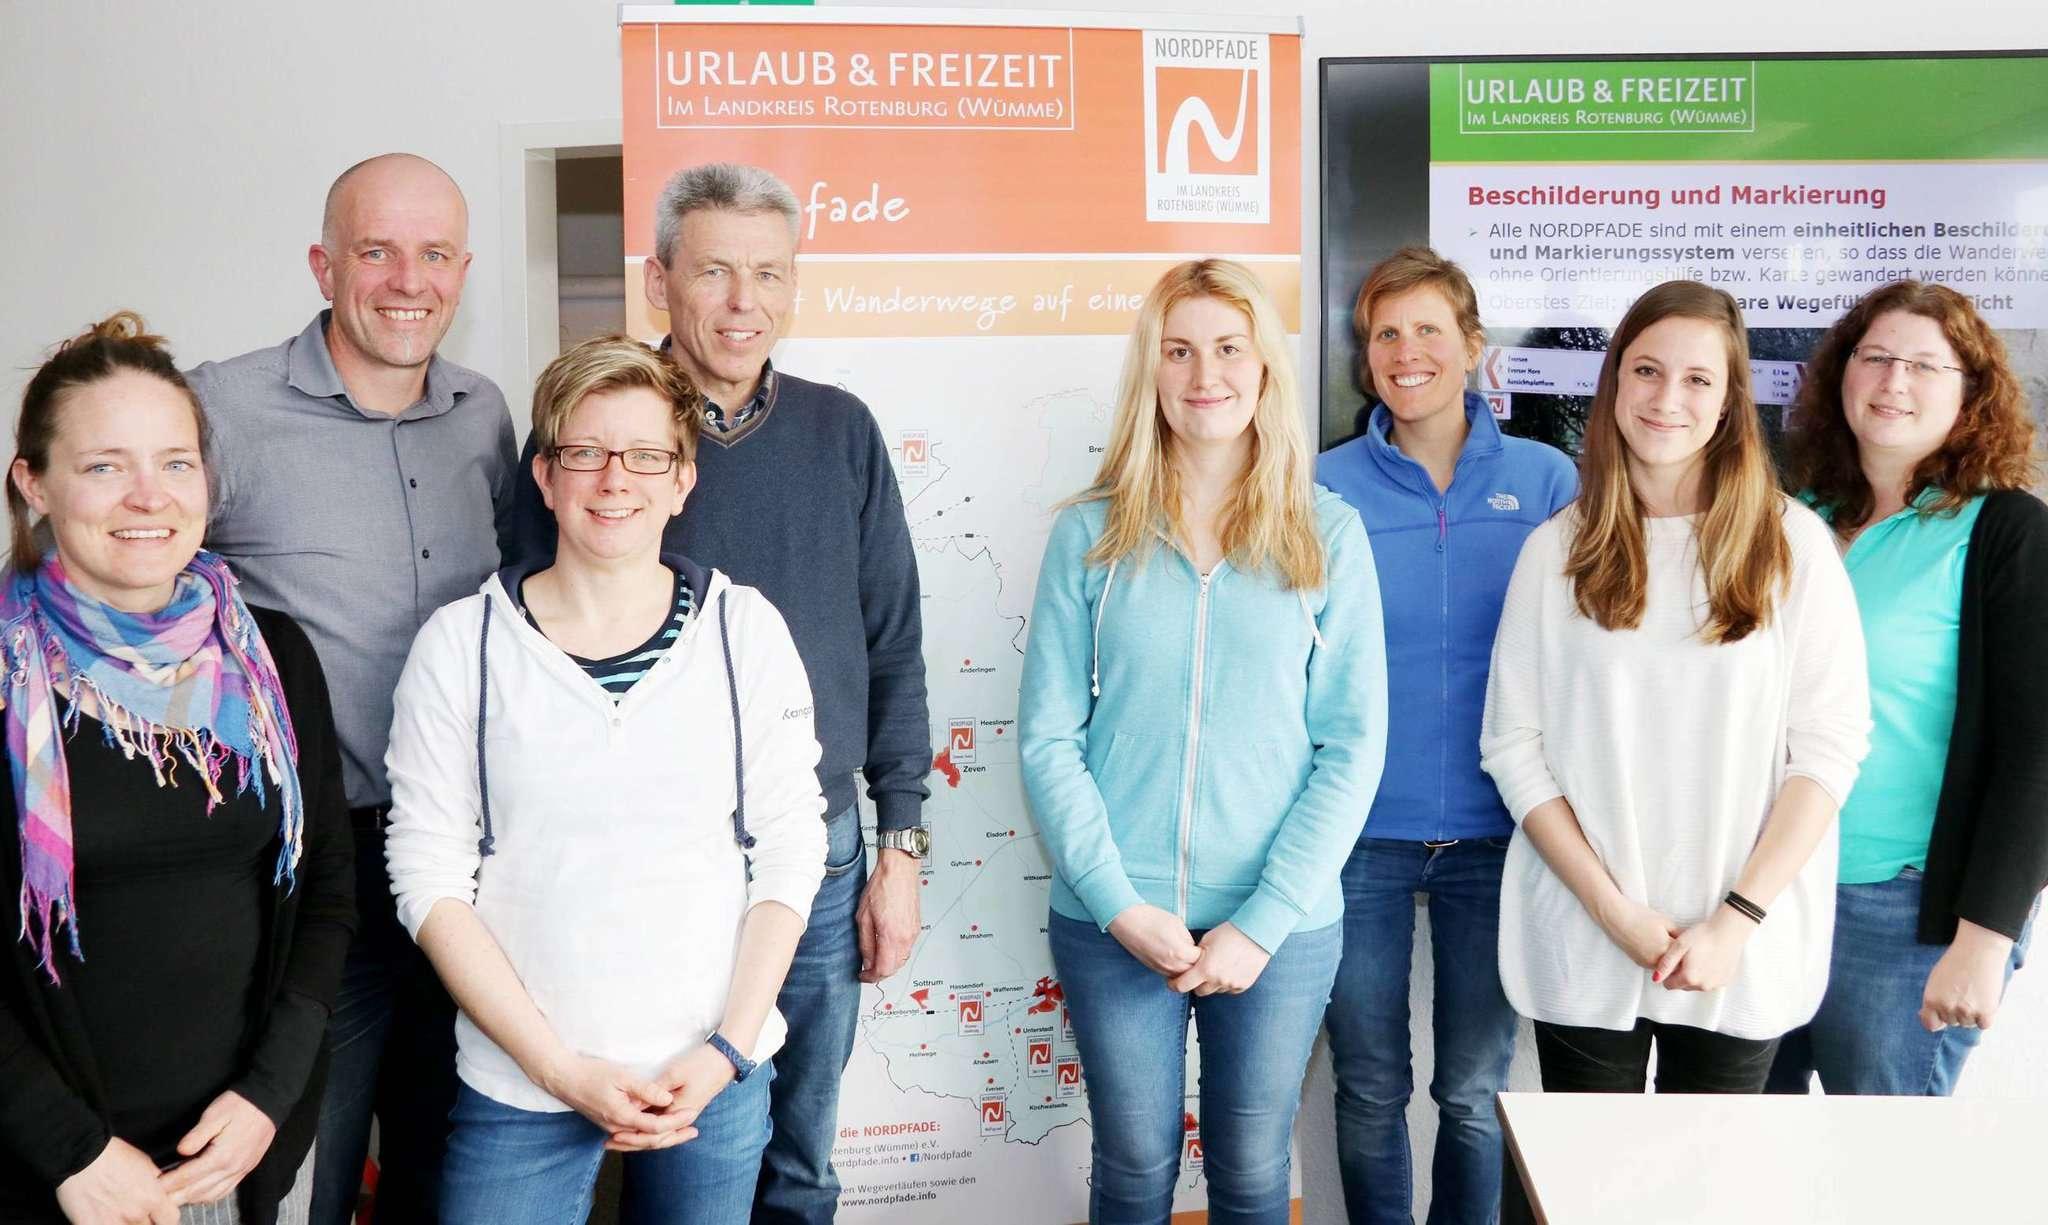 Sarah Mathieu (links), Isabelle Hermes (zweite von rechts), Caroline Schmit, Lynn Bintener und Fons Jacques tauschten sich mit Udo Fischer (zweiter von links), Petra Welz und Verena Henke (rechts) vom Tourow aus. Foto: Nina Baucke